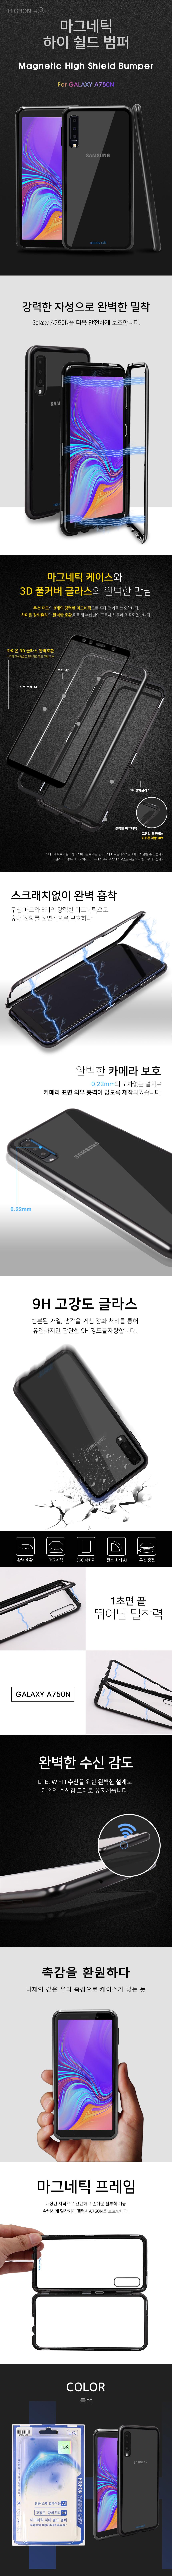 갤럭시A7 2018 마그네틱케이스 (A750N) - 하이온, 19,000원, 케이스, 기타 갤럭시 제품